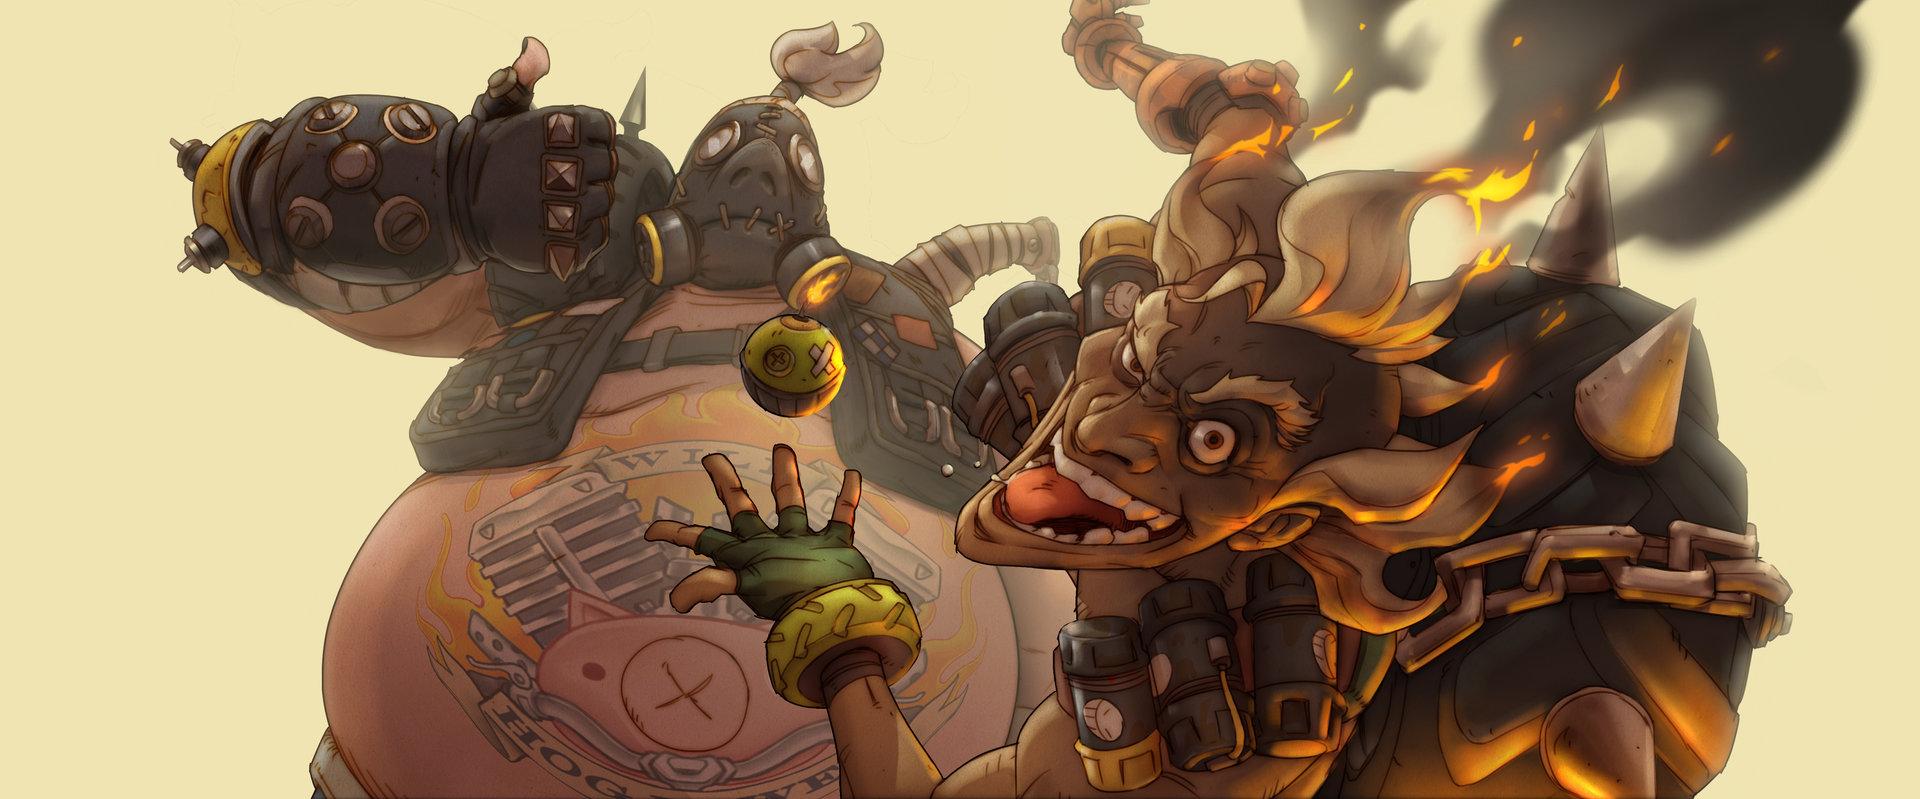 arnold-tsang-junkers-heroes-color.jpg